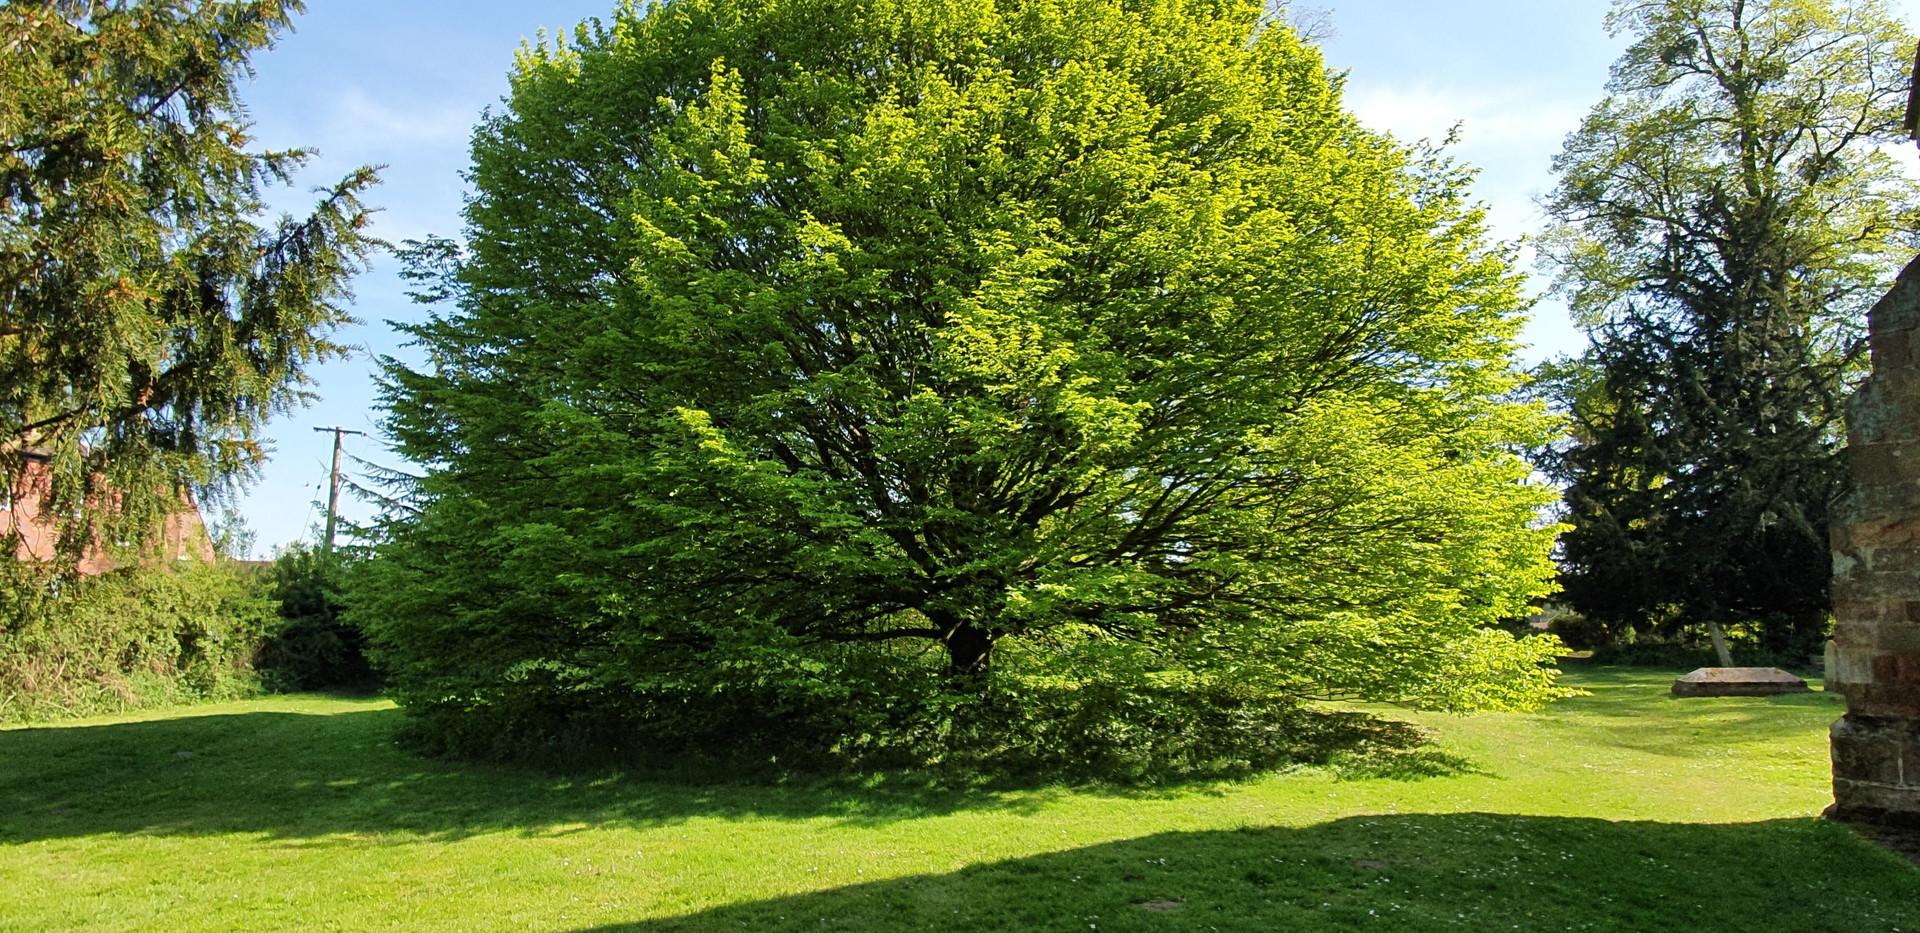 Hanley Castle Hornbeam Tree